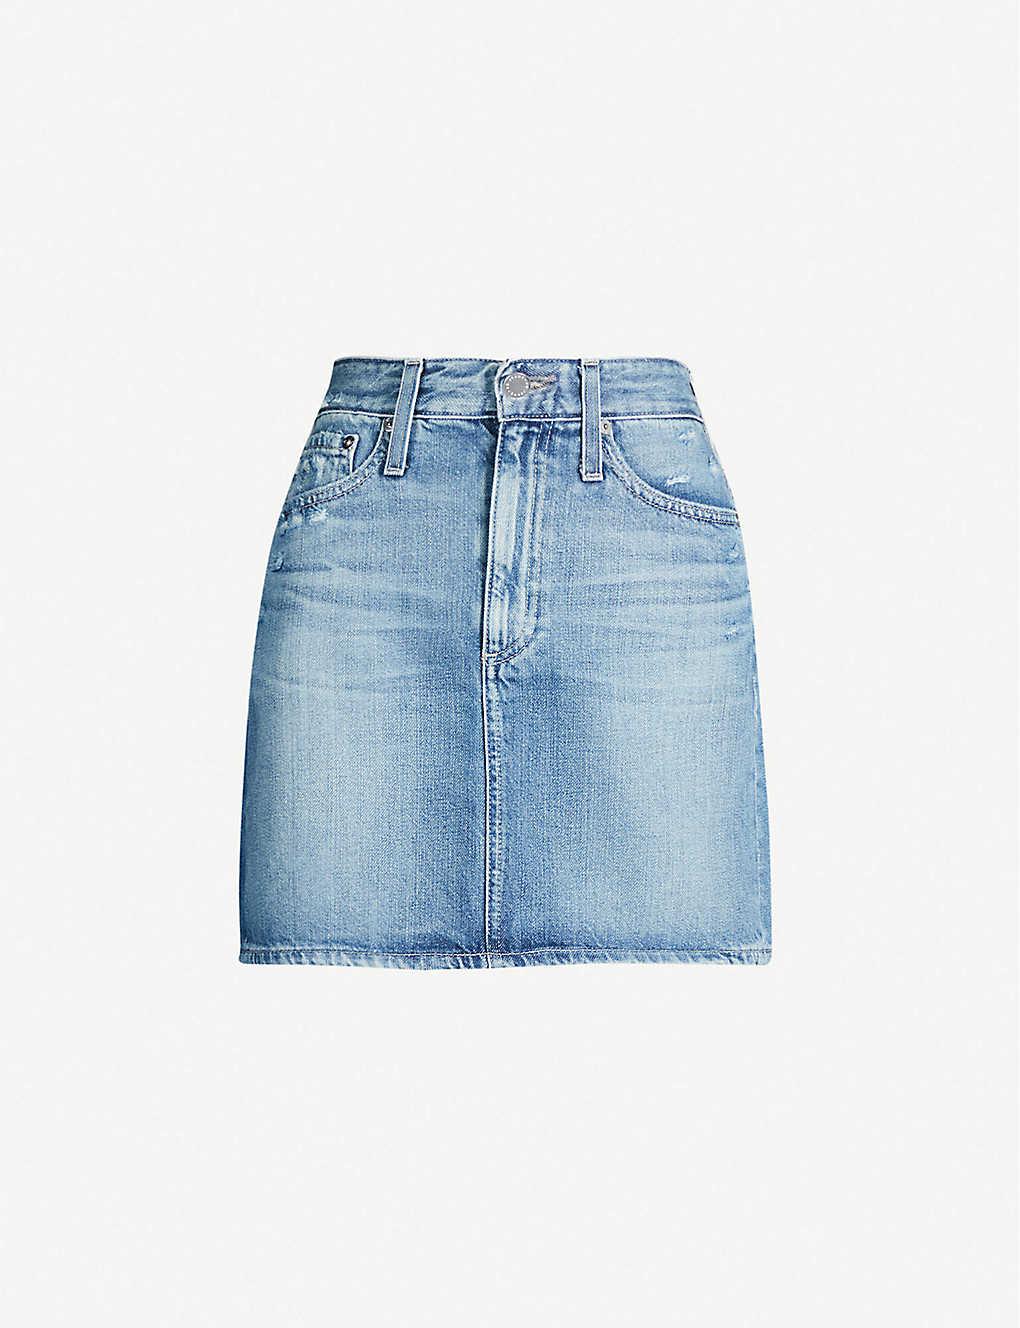 ce6d3c084450 Vera denim skirt - 20 years haste destruct ...